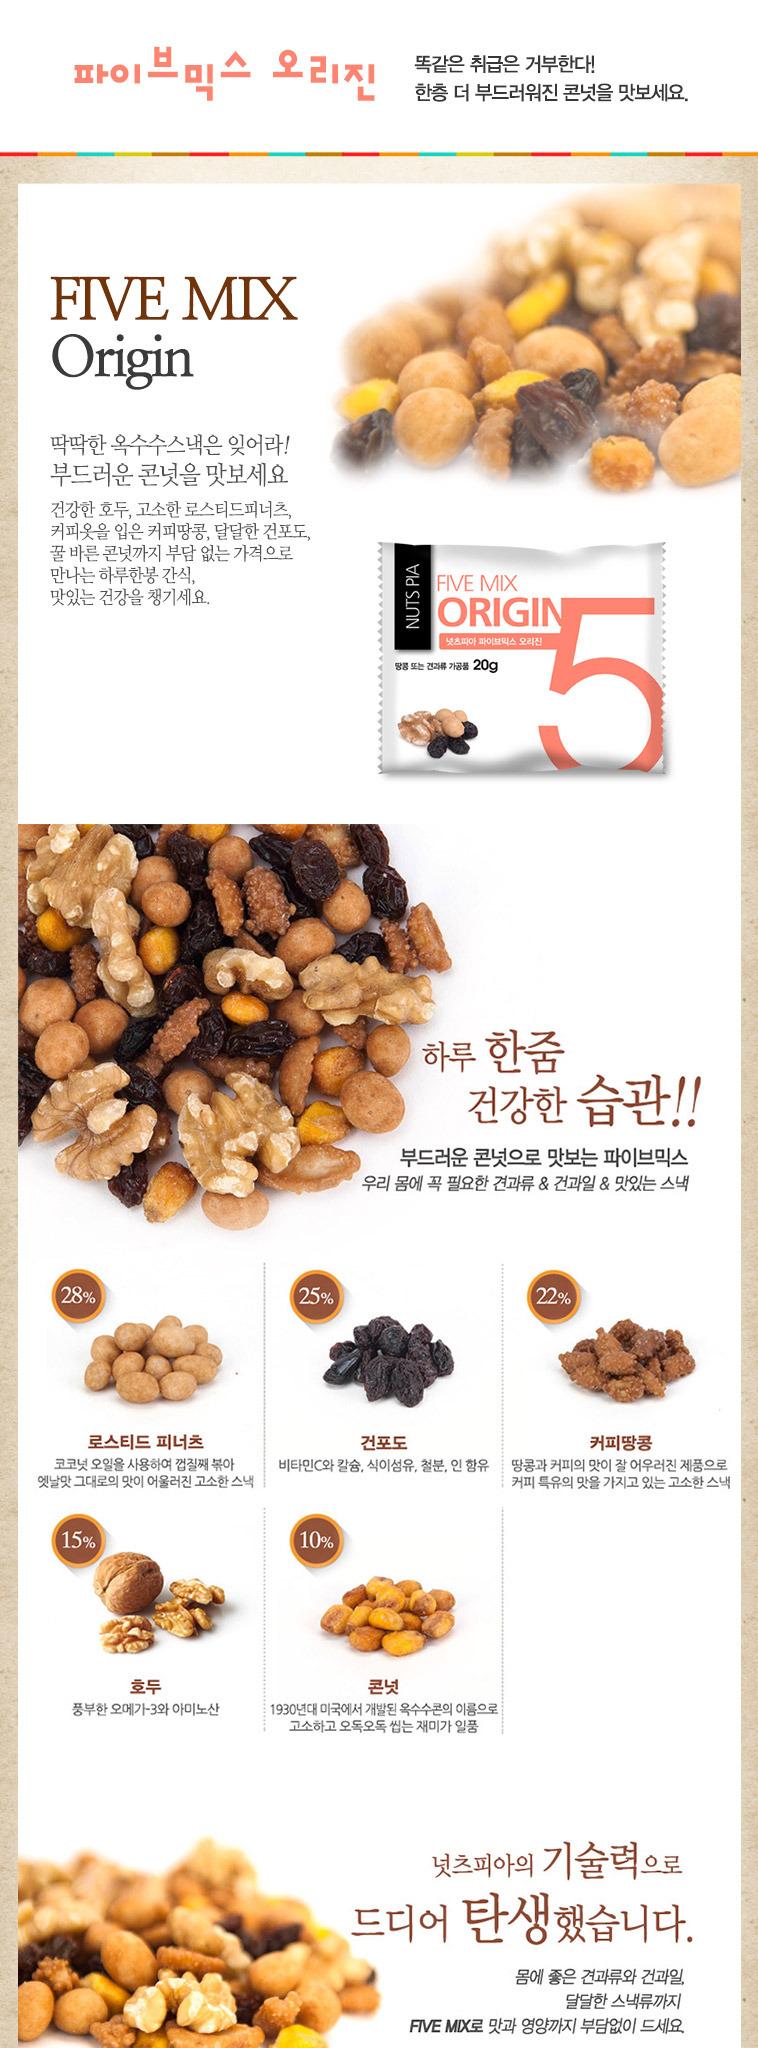 나인믹스 한줌견과 1봉 한정특가 - 상세정보